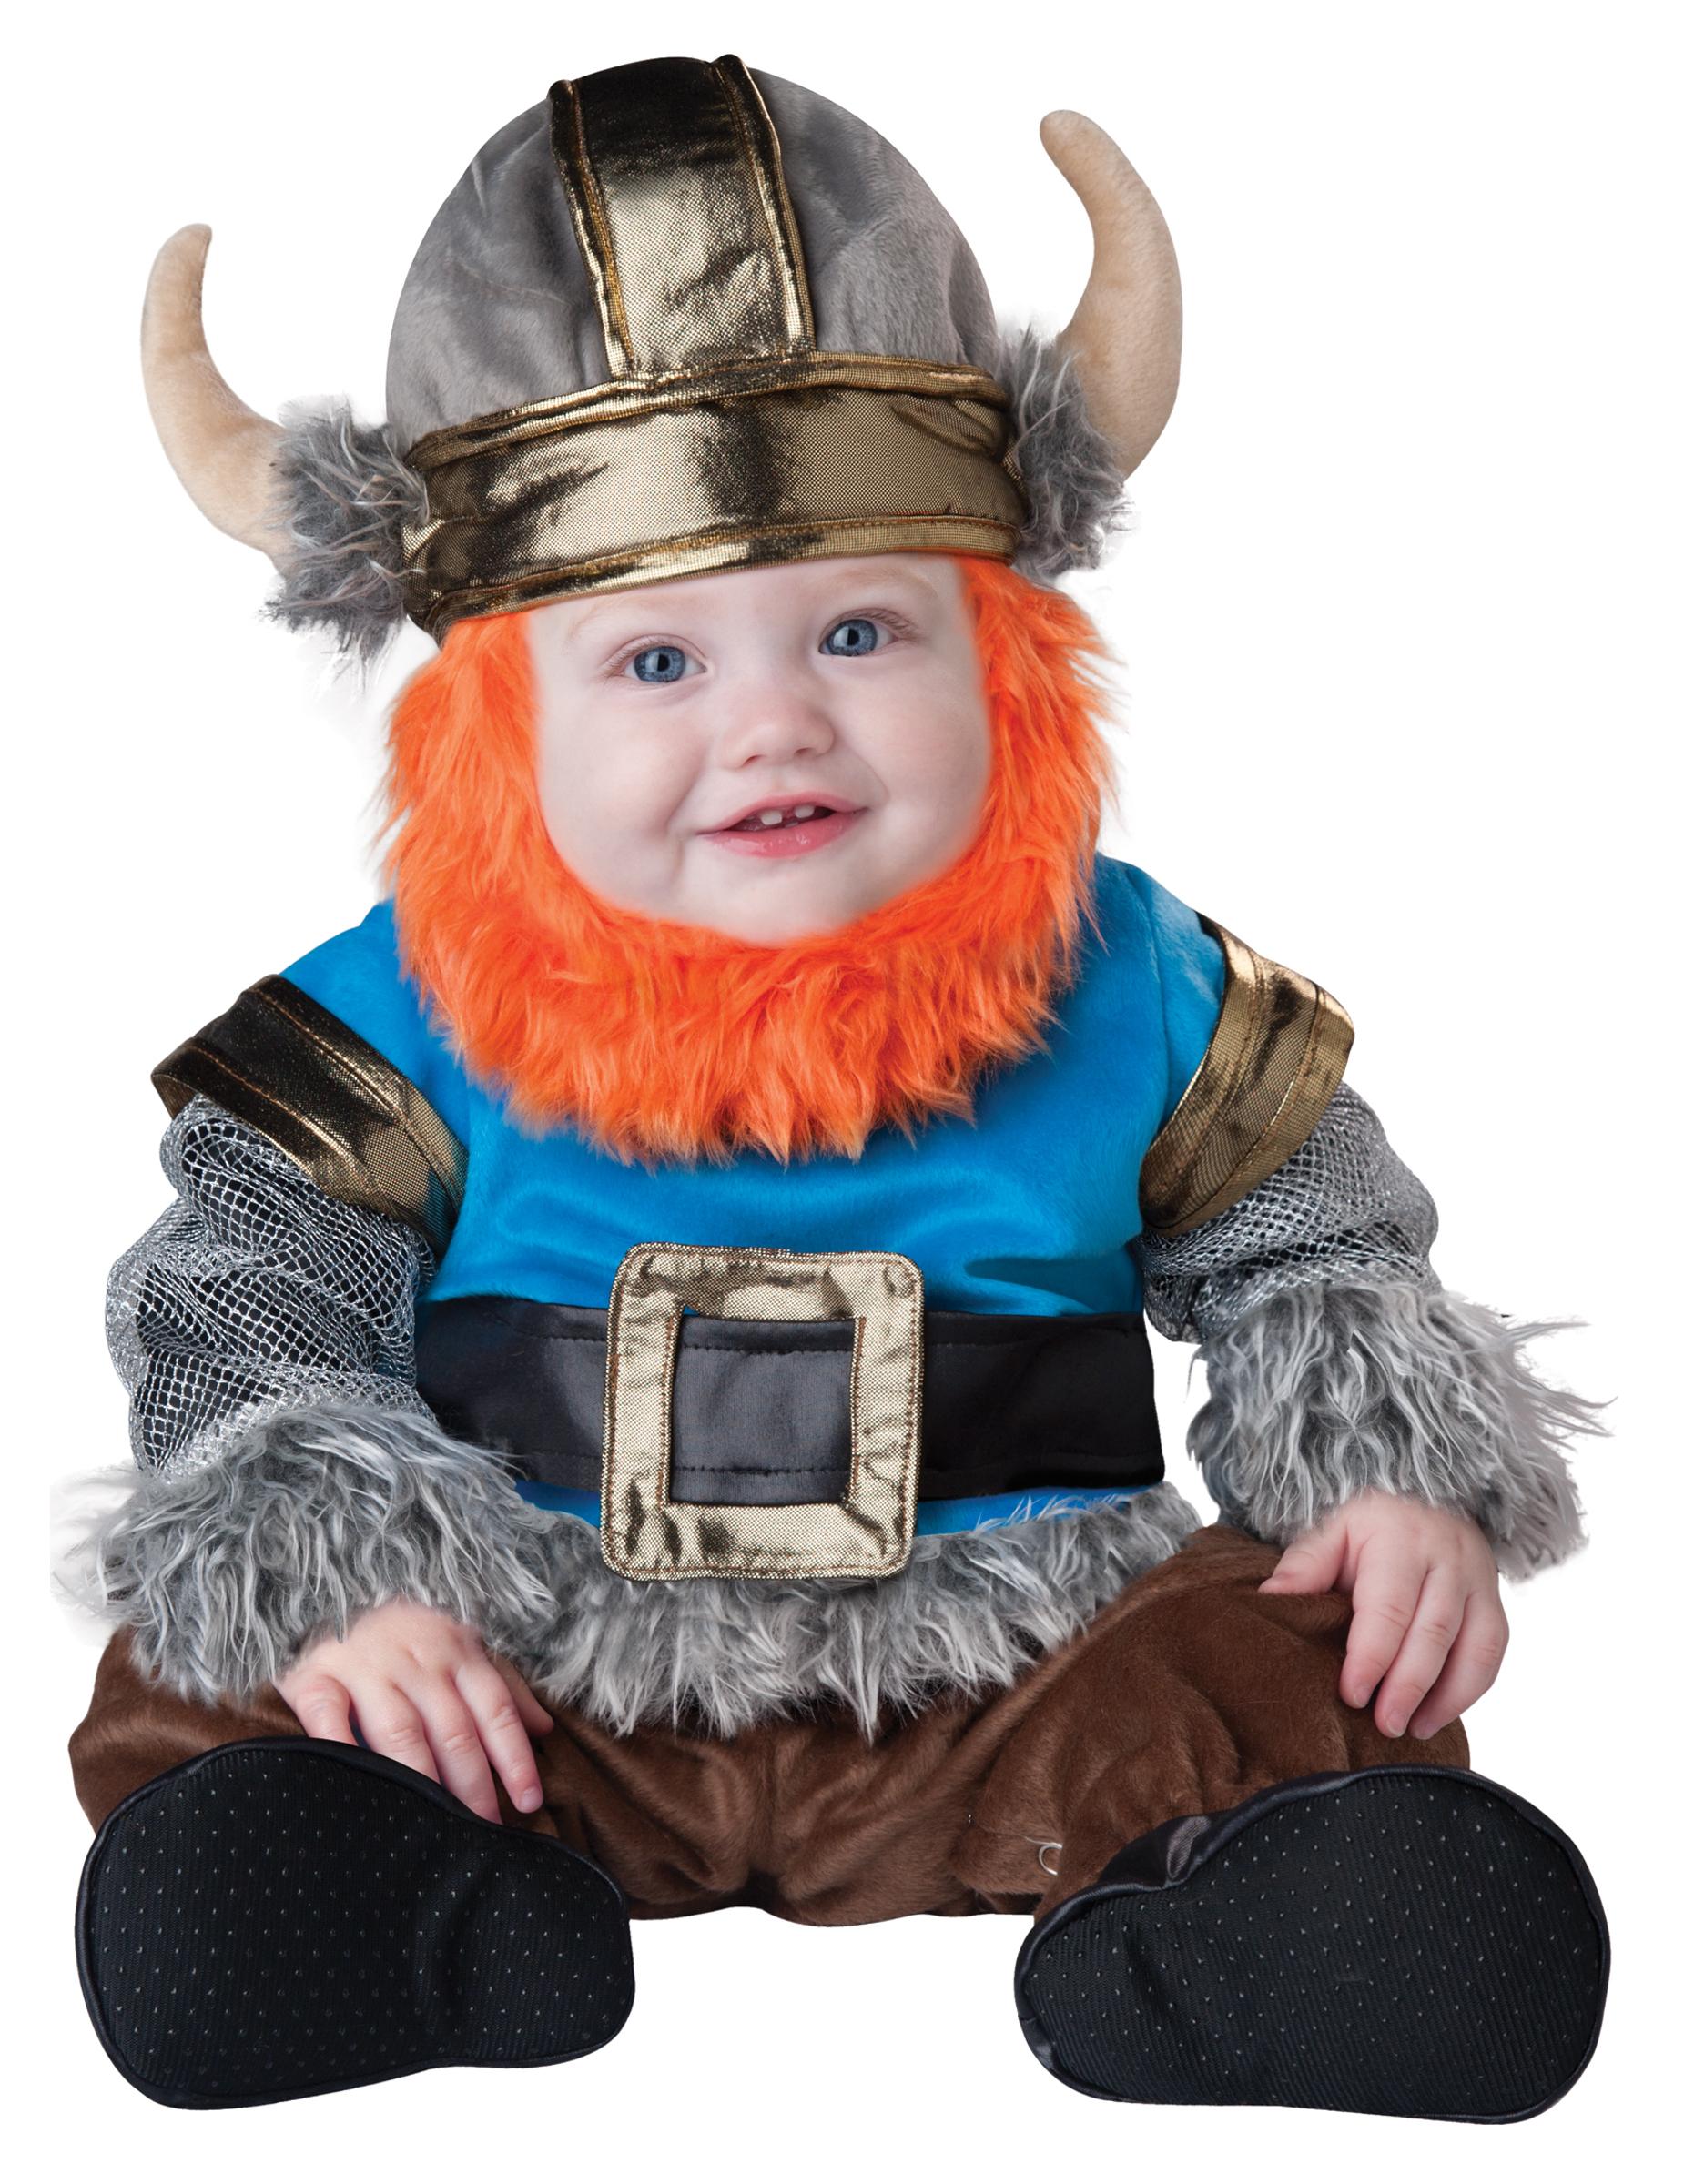 d guisement viking barbu pour b b luxe deguise toi achat de d guisements enfants. Black Bedroom Furniture Sets. Home Design Ideas